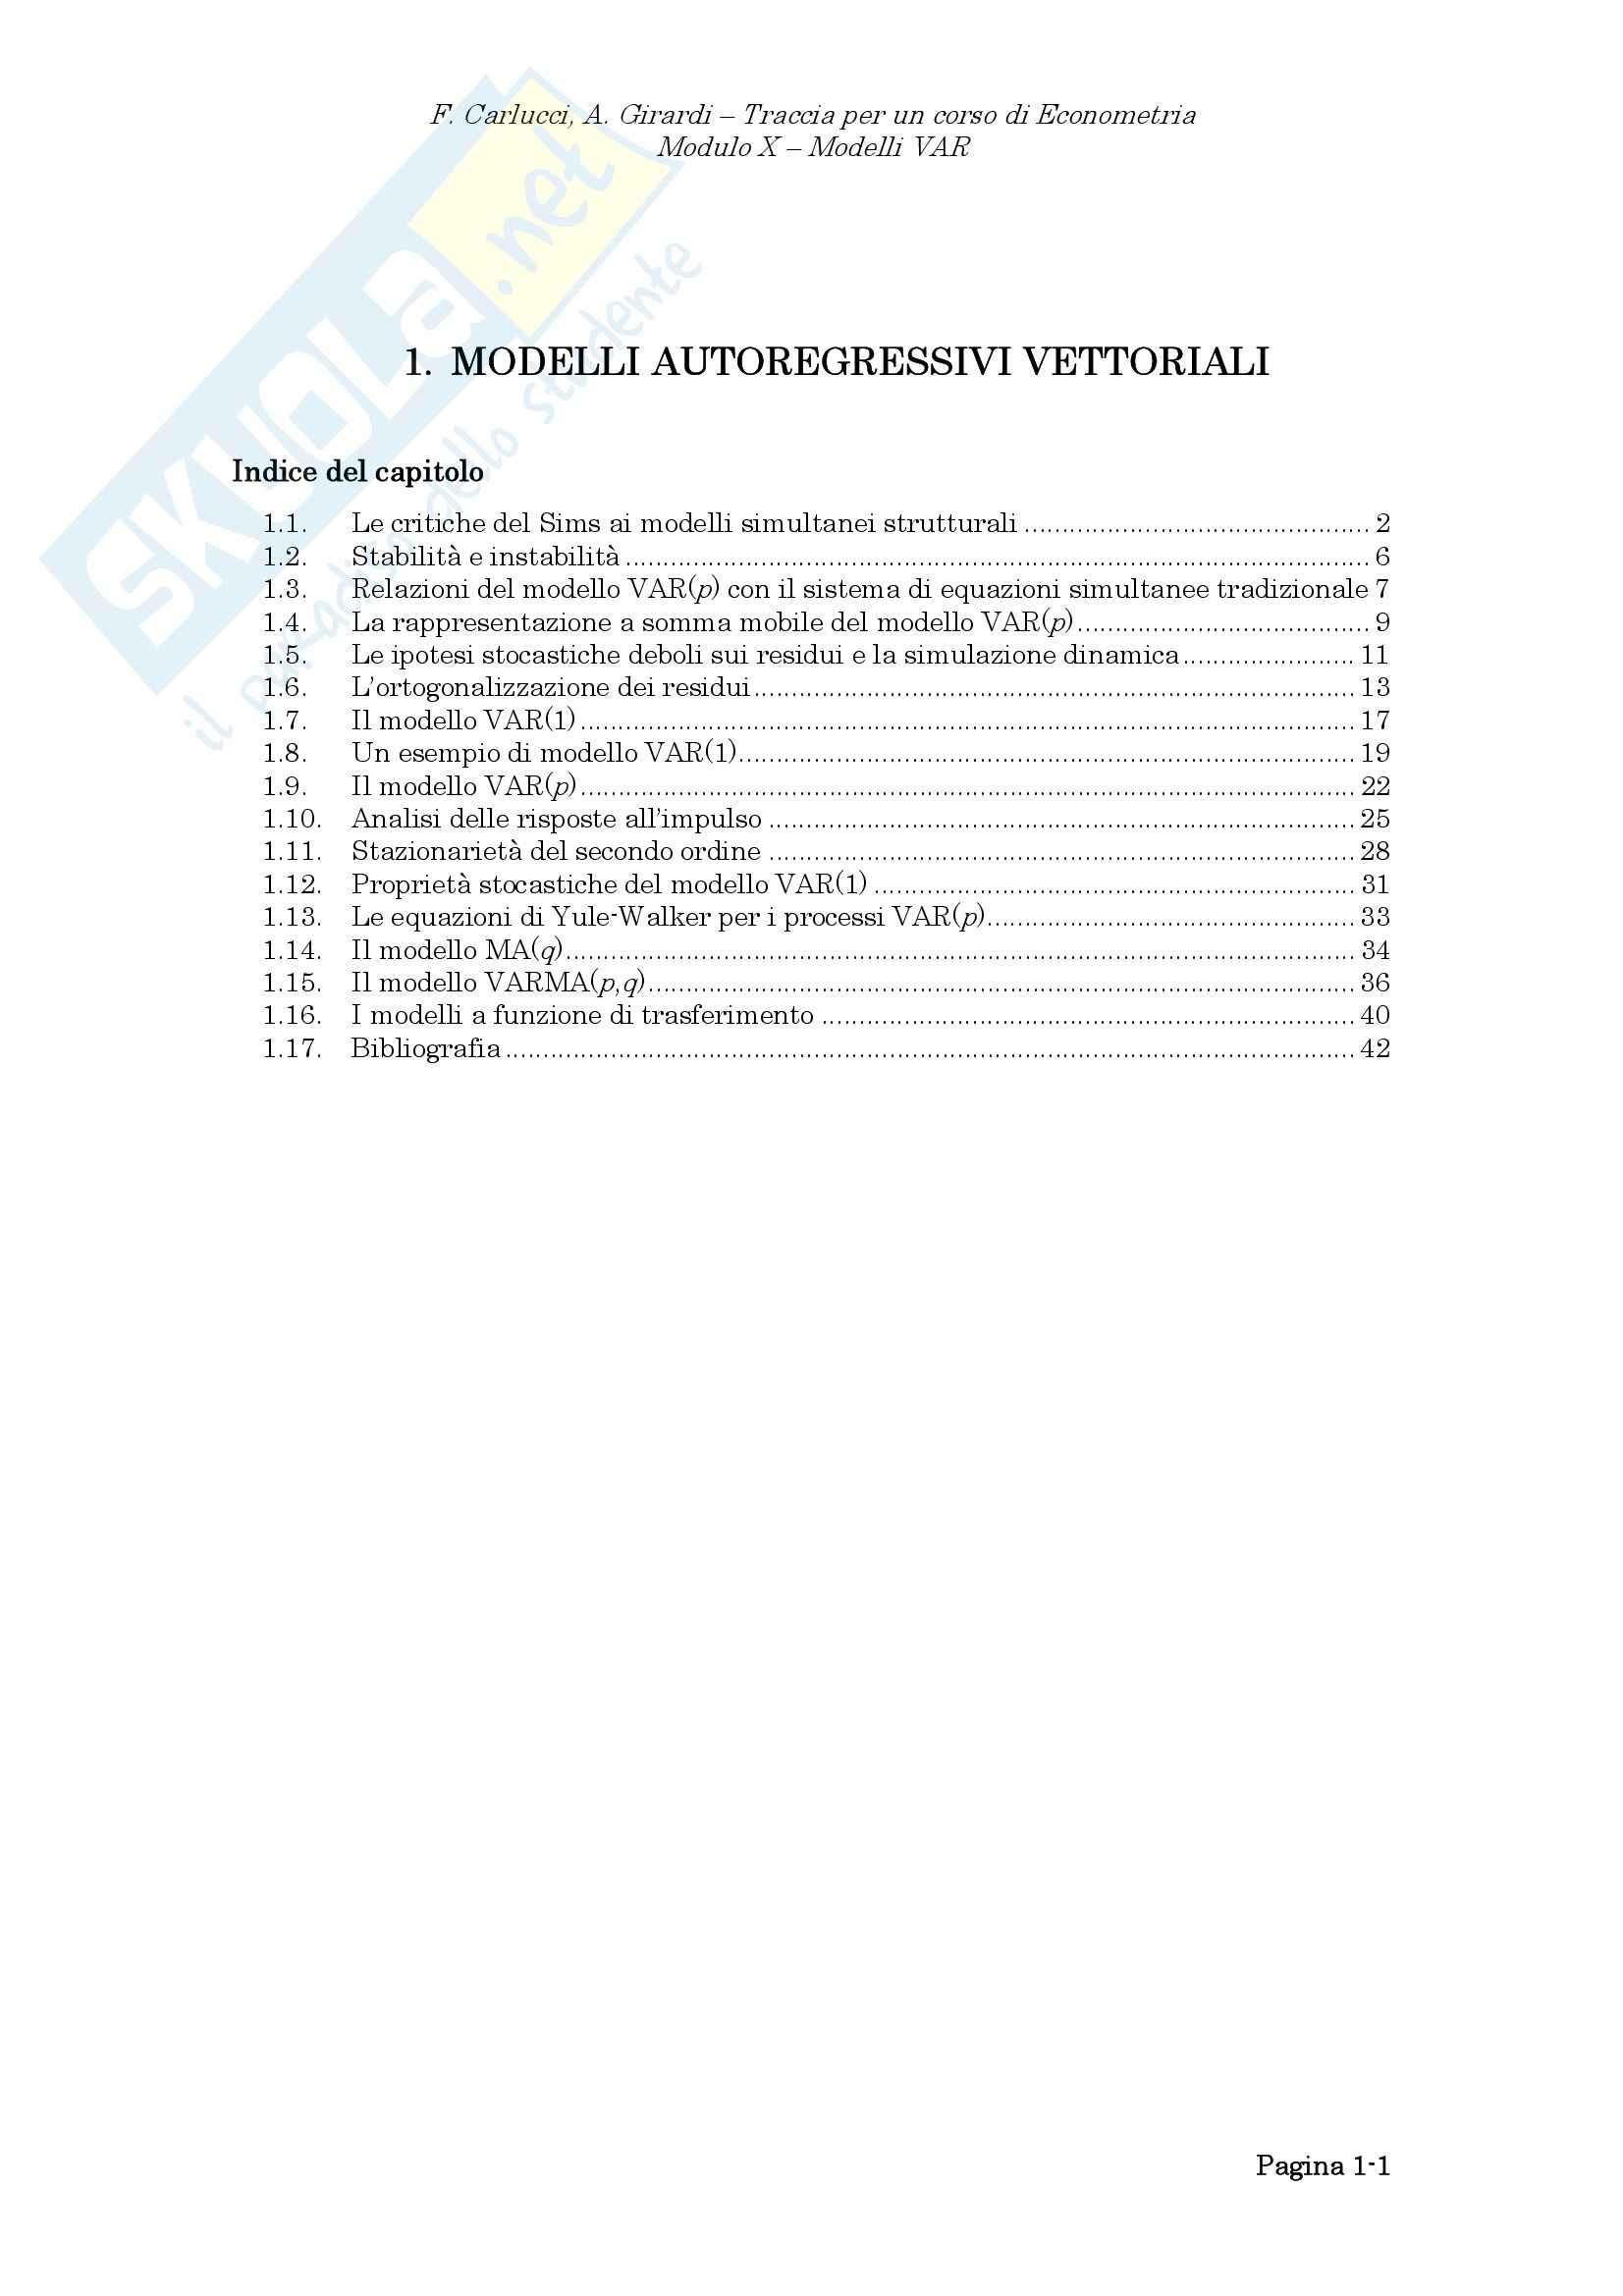 appunto F. Carlucci Econometria